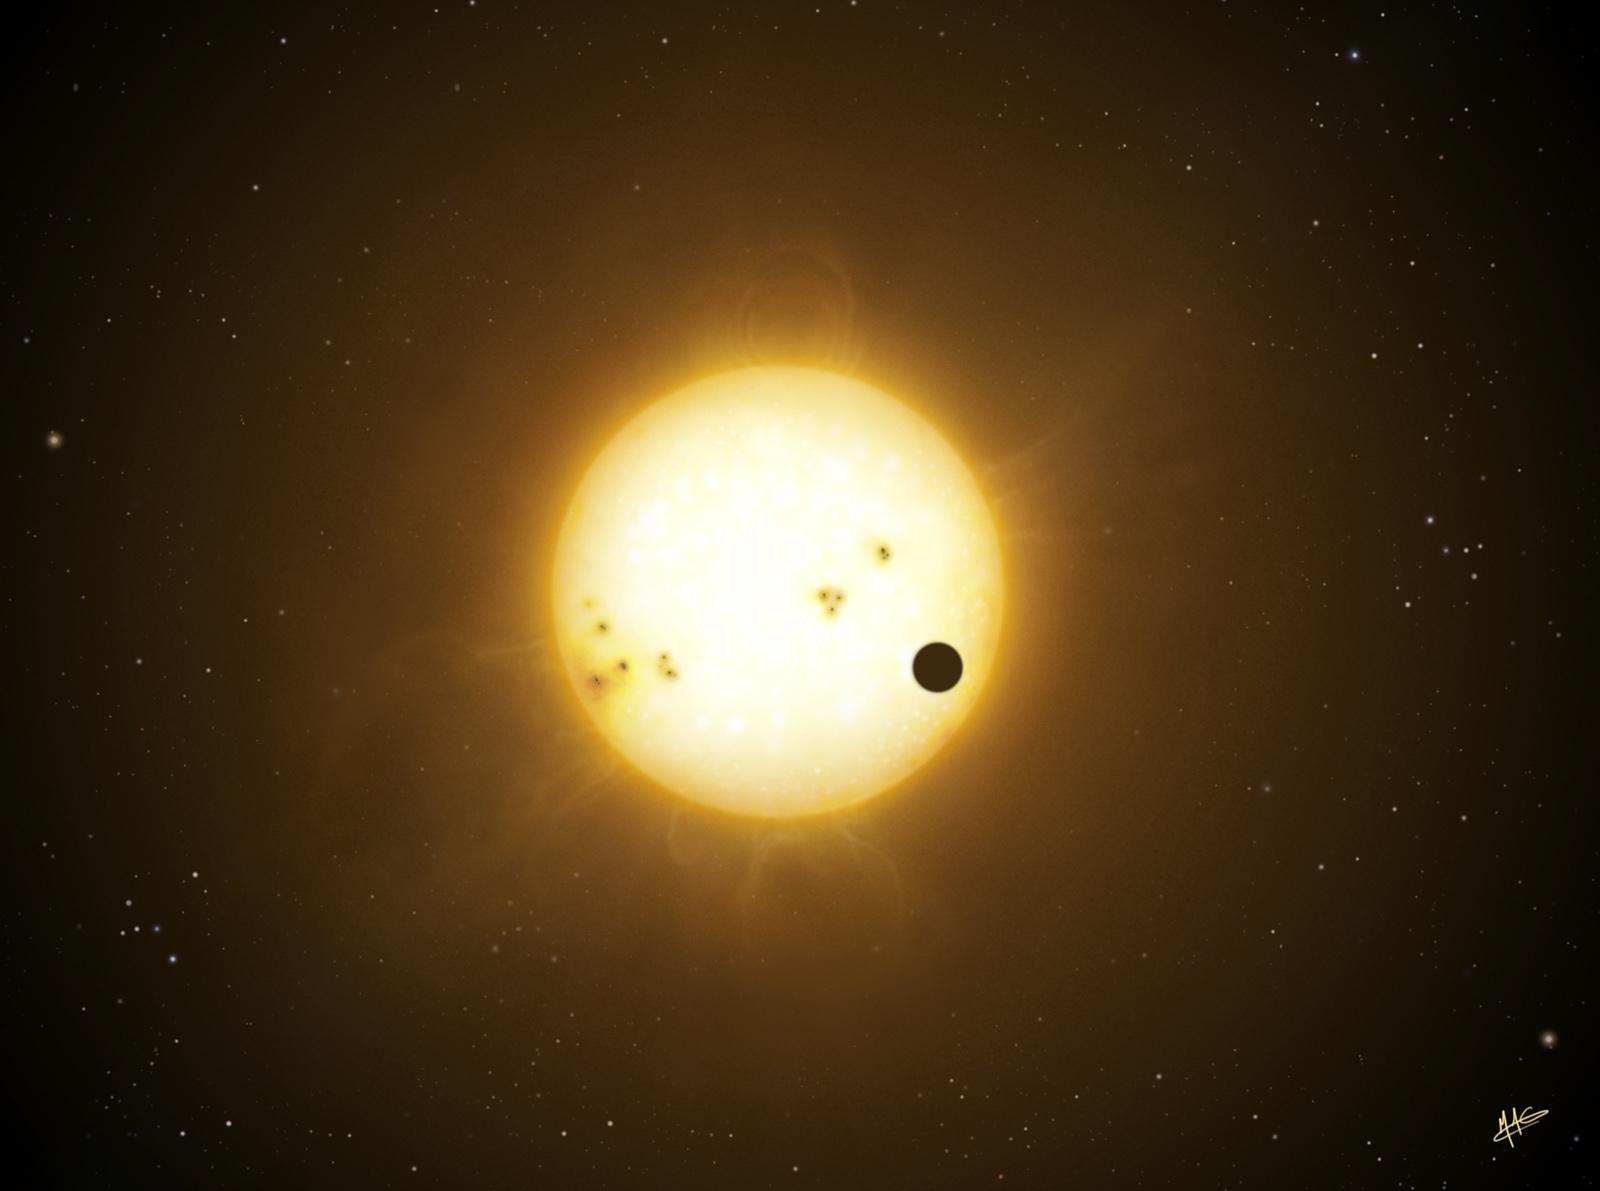 http://image.nauka.bg/astro/bg/vladi/Transit_artist_impression_ExoplanetPassInfront_of_Star.jpg